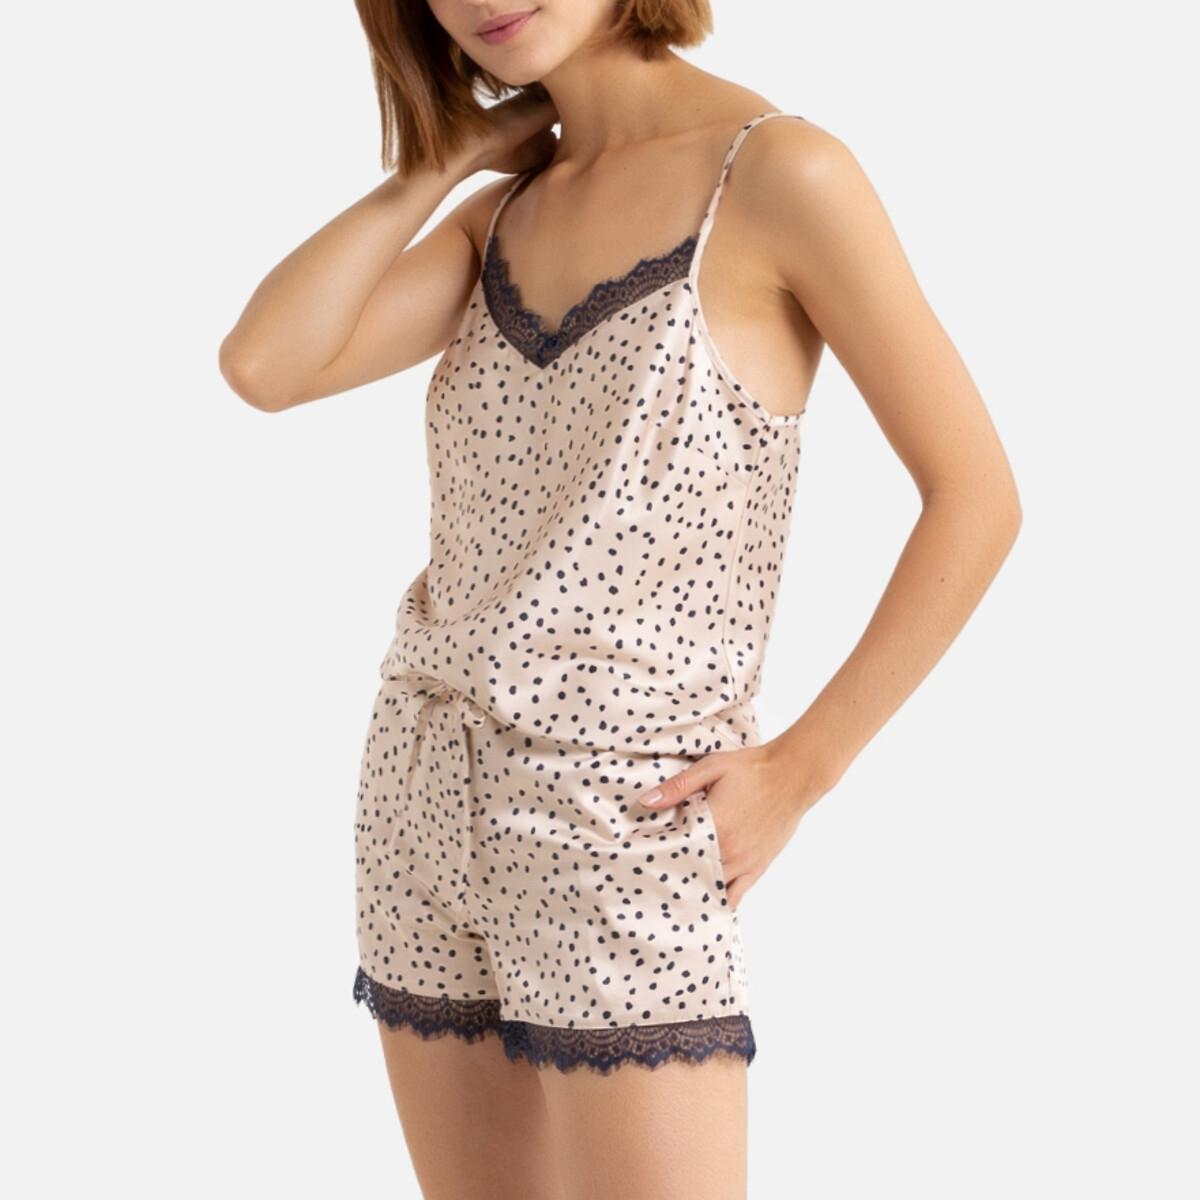 Пижама La Redoute С шортами с принтом в горошек из сатина 50 (FR) - 56 (RUS) бежевый пижама la redoute с шортами и цветочным принтом 12 лет 150 см другие